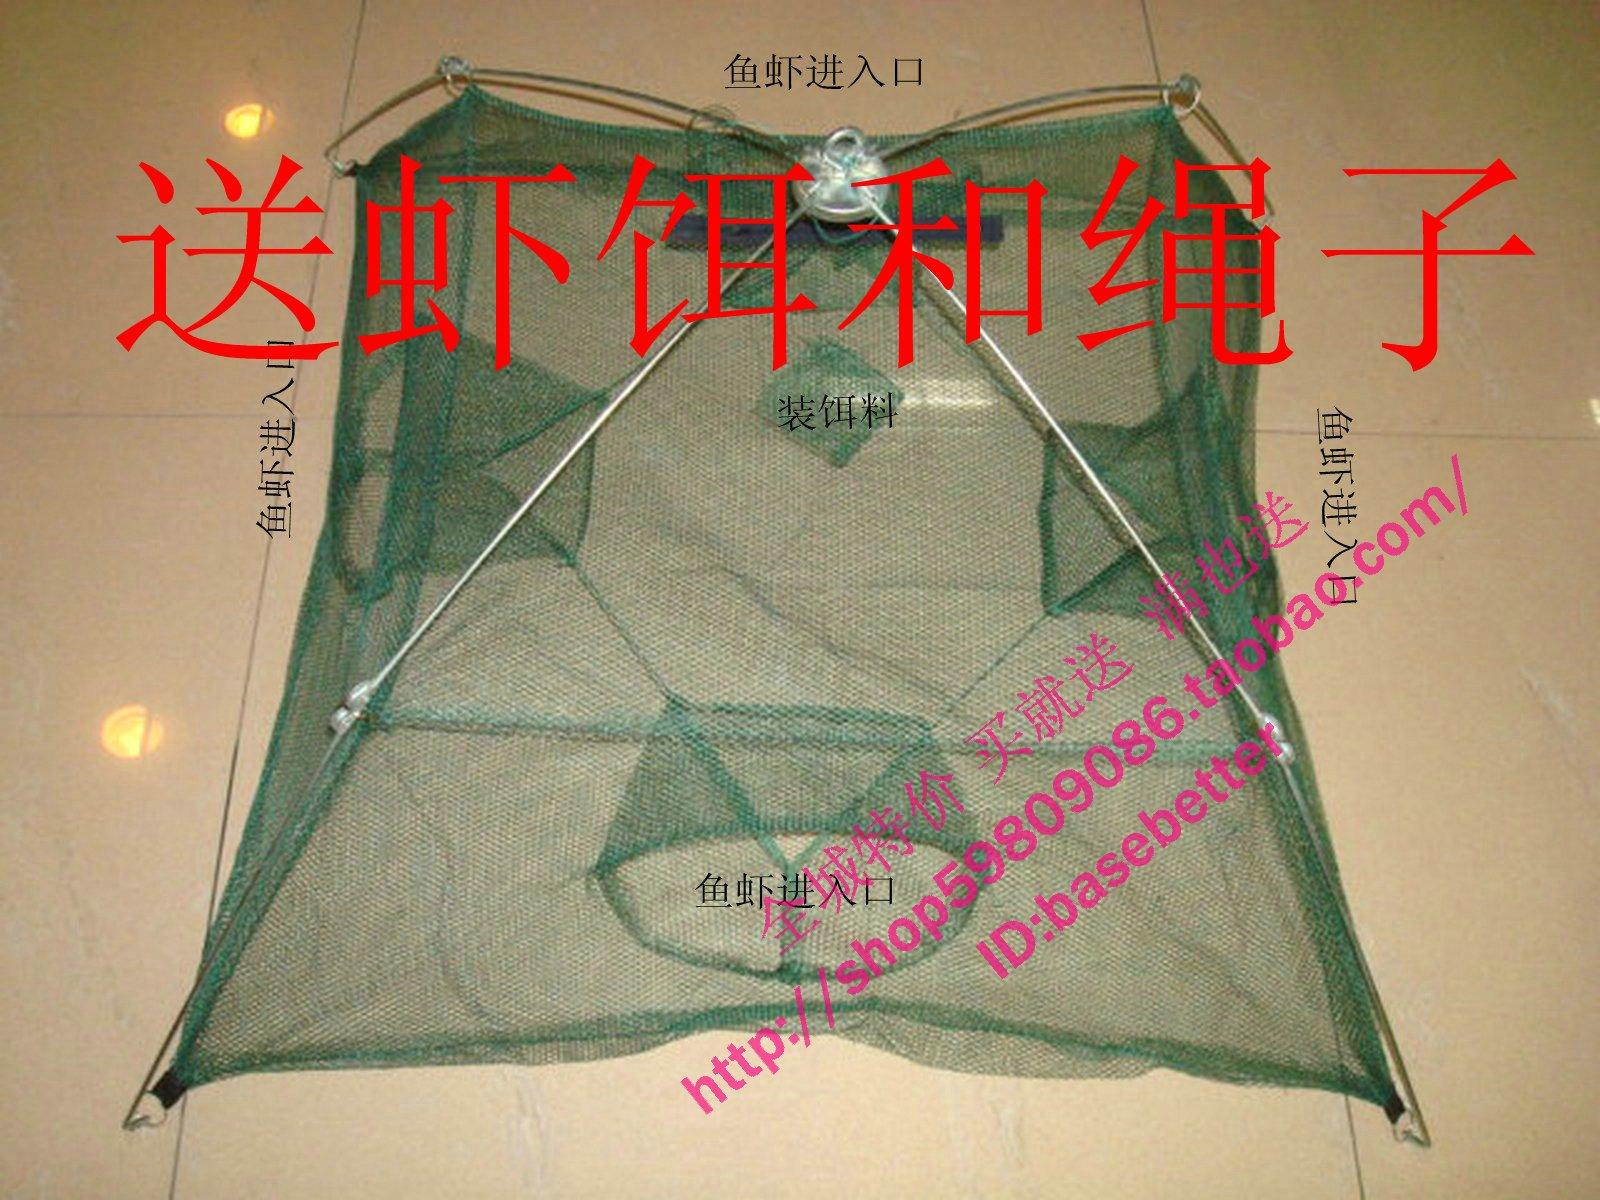 купить парашют для заброса прикормки в крыму